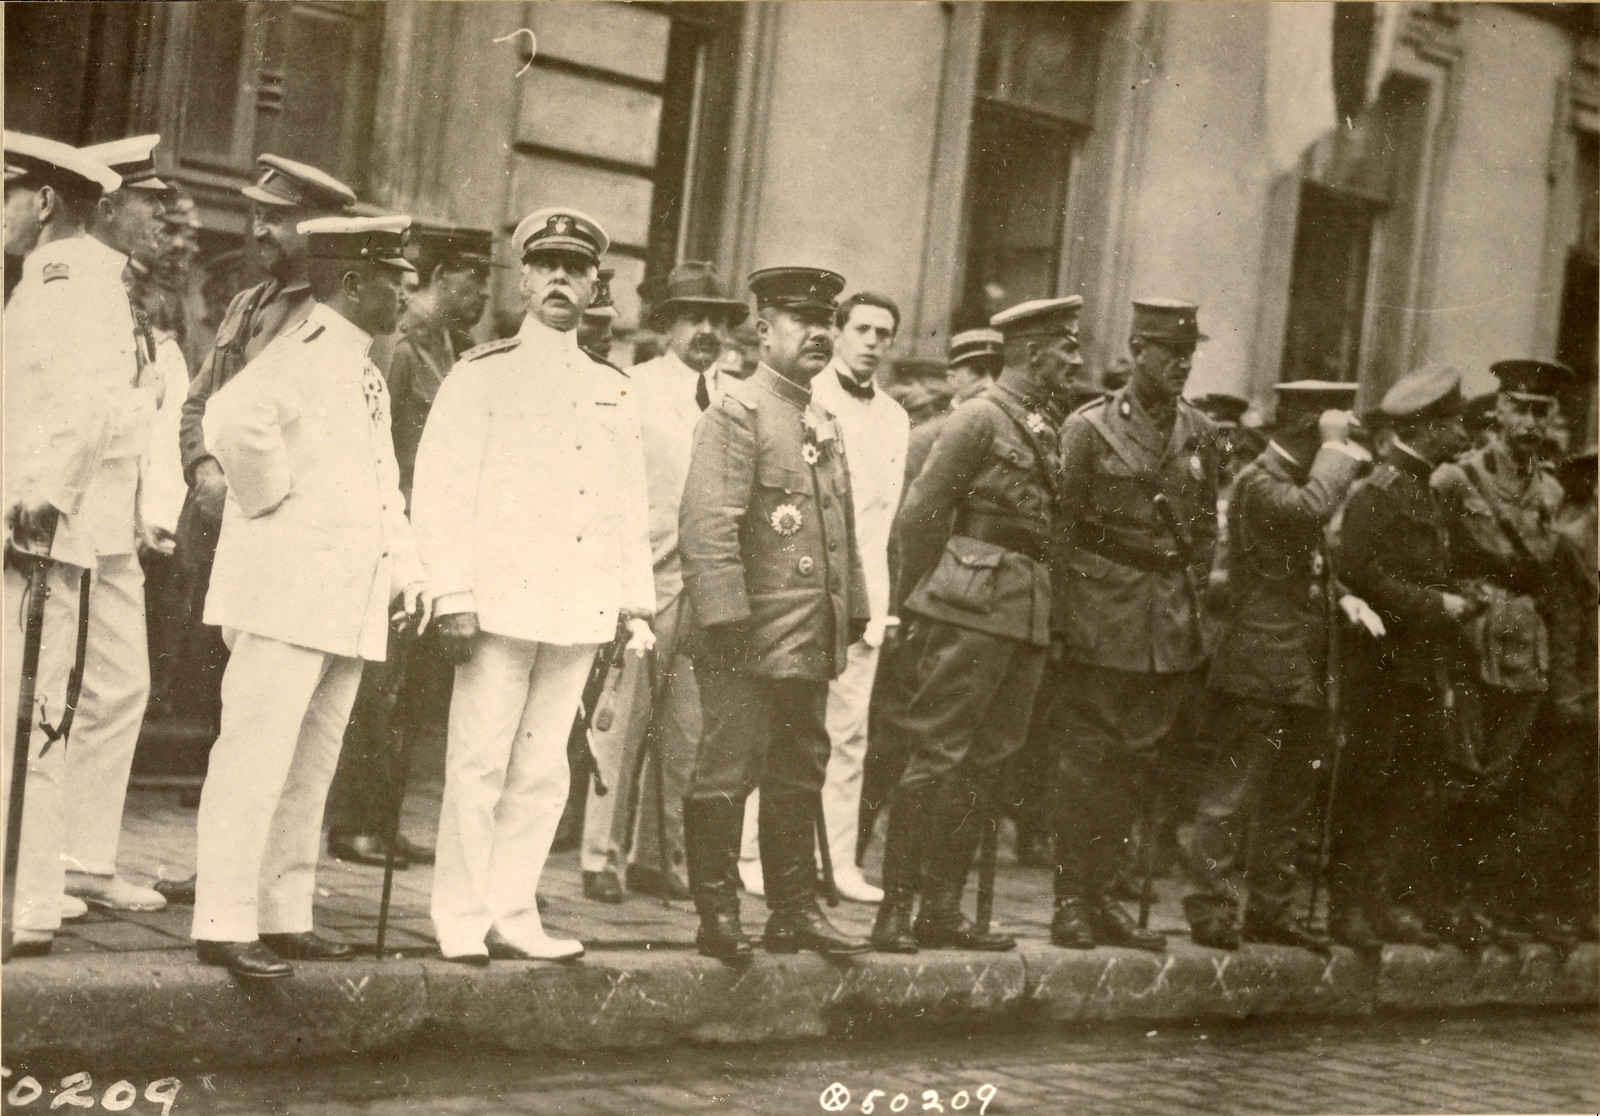 1918. Начальник штаба Чехословацкого корпуса генерал-майор М.К. Дитерихс наблюдает за прохождением японских войск.12.08